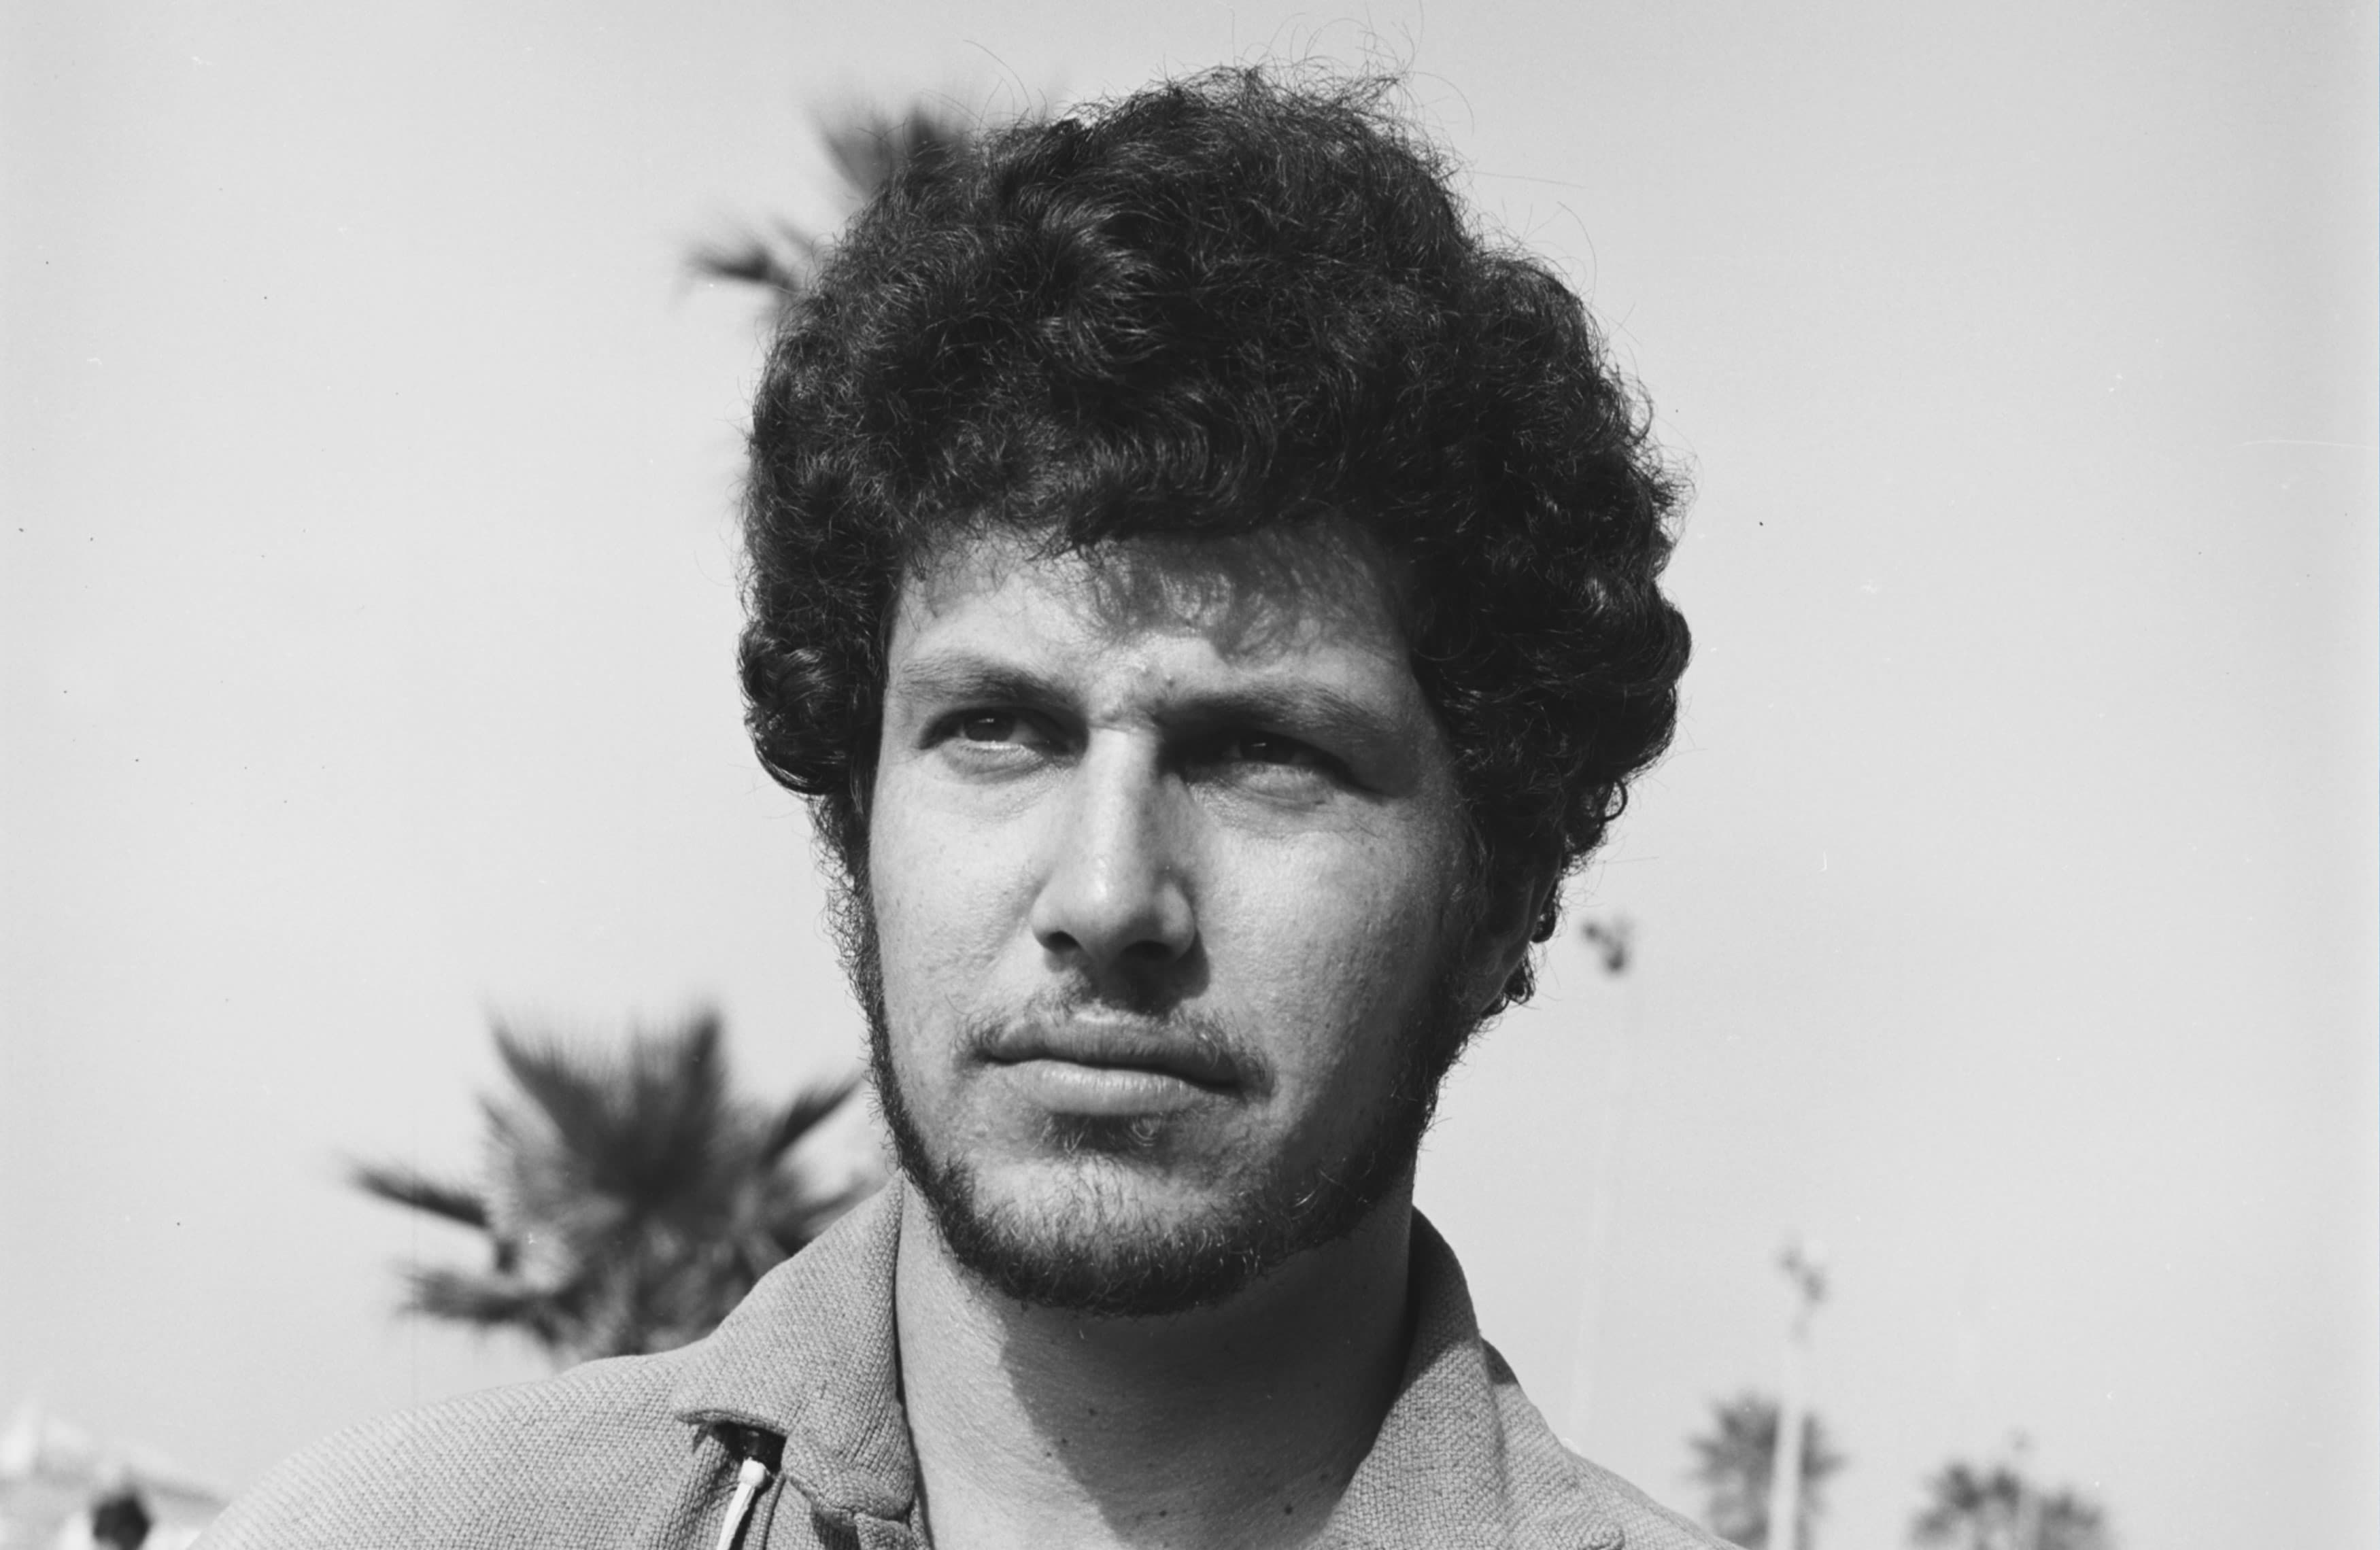 David Arkin